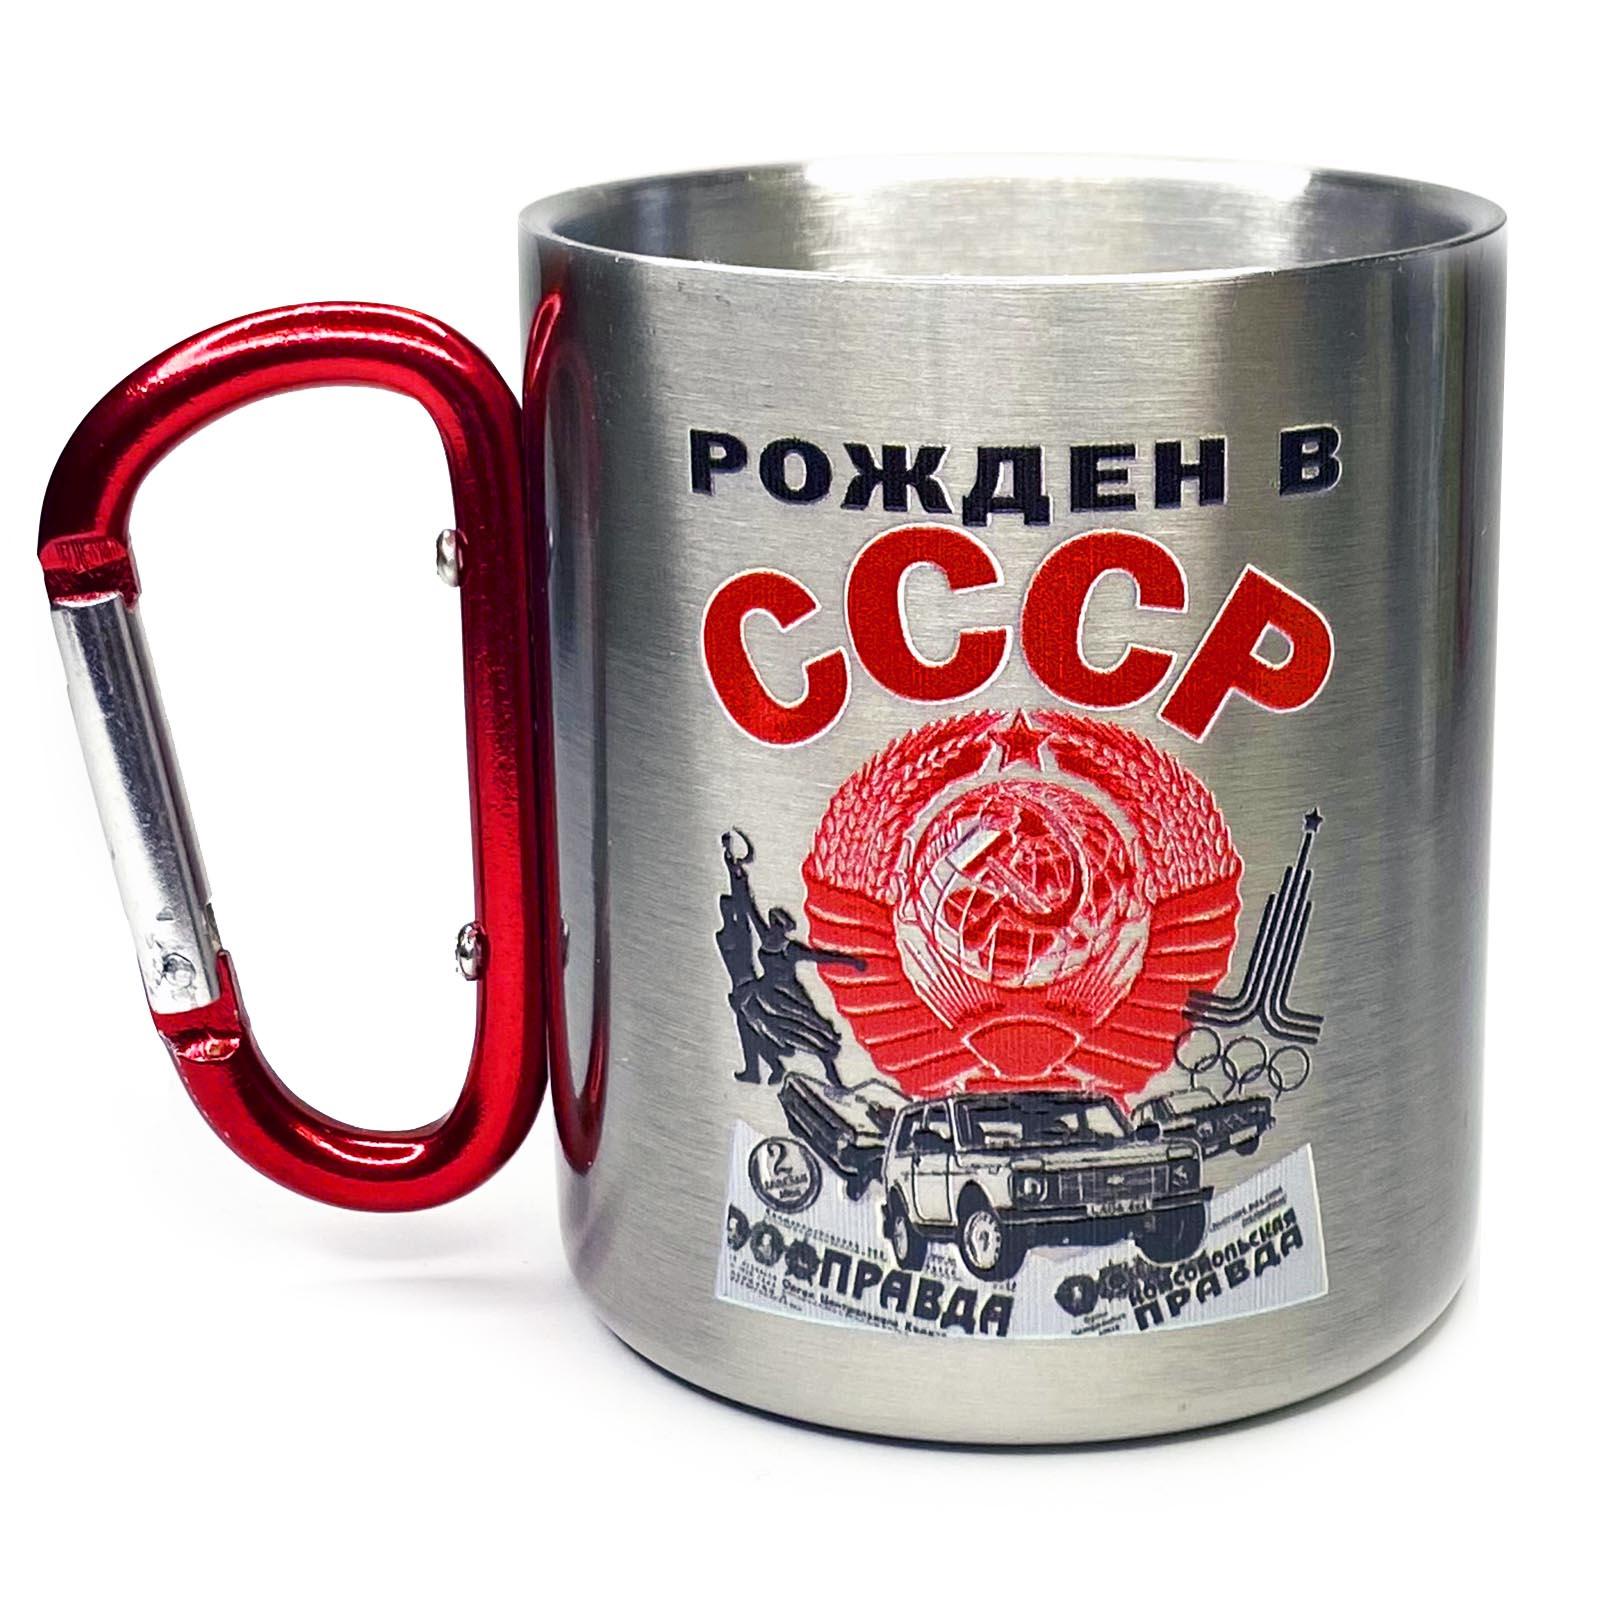 Походная кружка с карабином и гербом СССР.